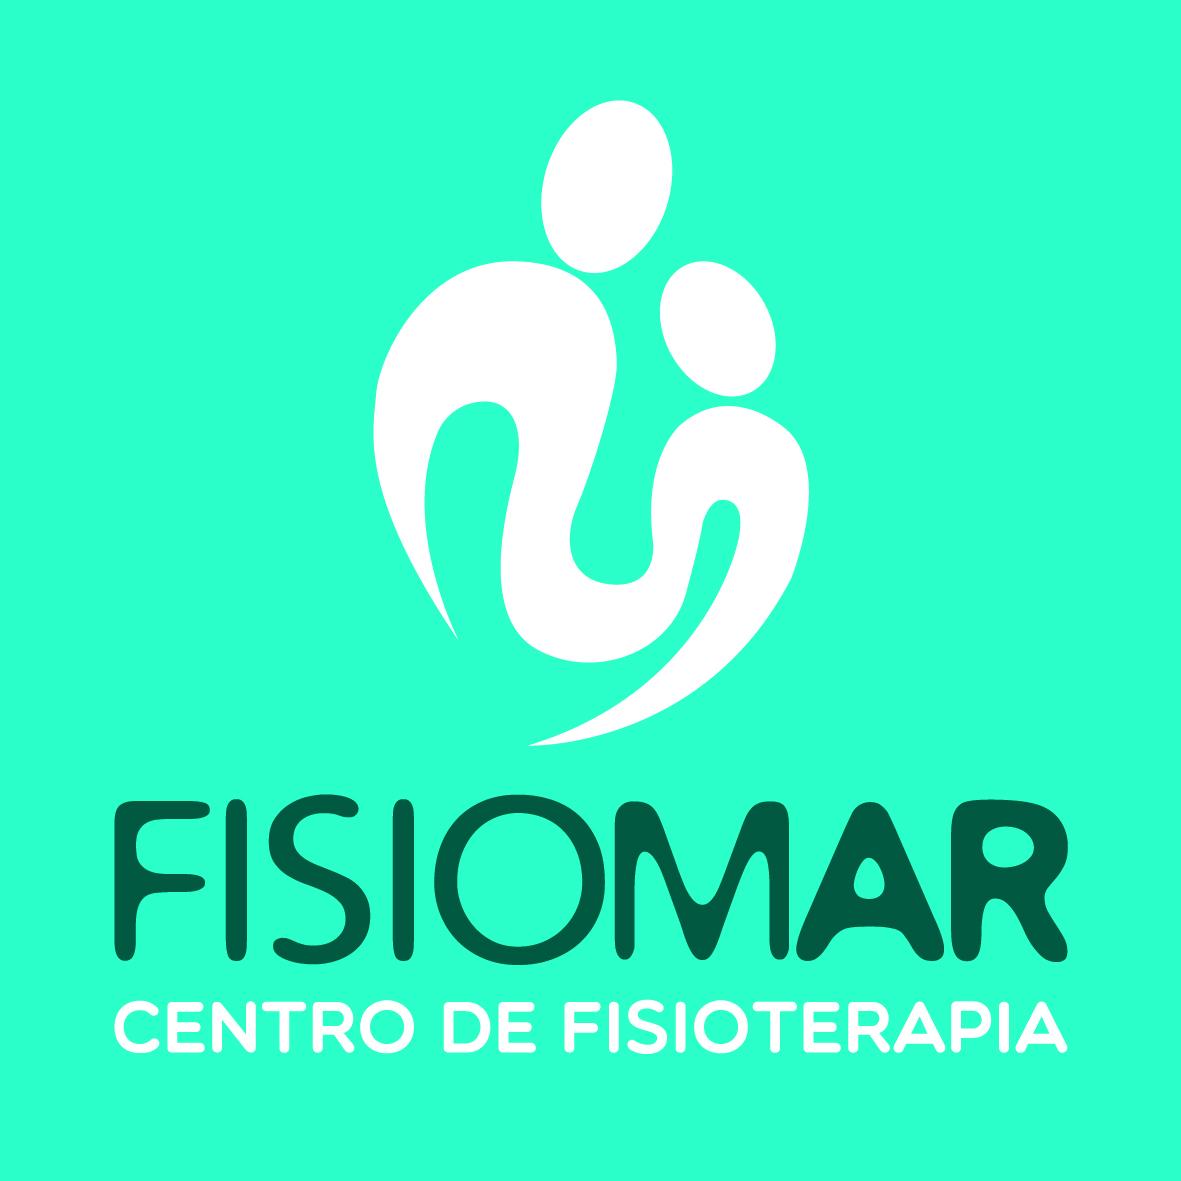 Fisiomar Centro de Fisioterapia  (Sevilla Este)